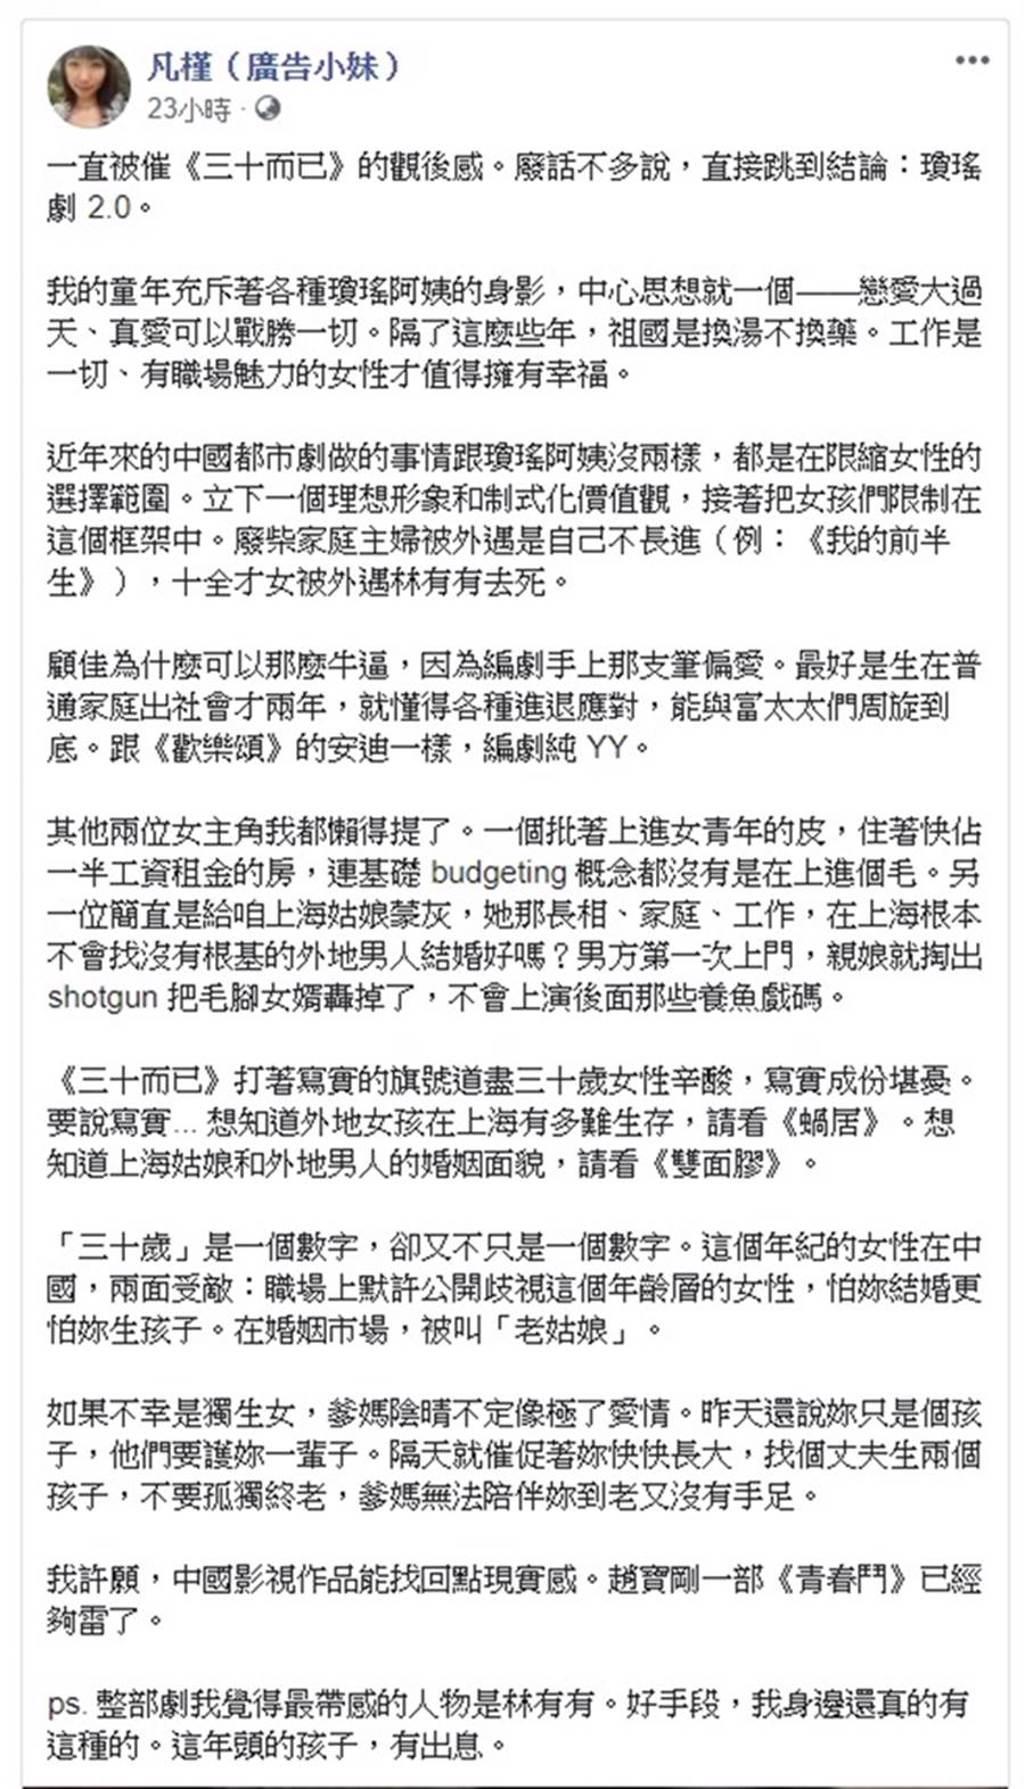 廣告小妹批《三十而已》是瓊瑤劇2.0。(圖/翻攝自臉書)